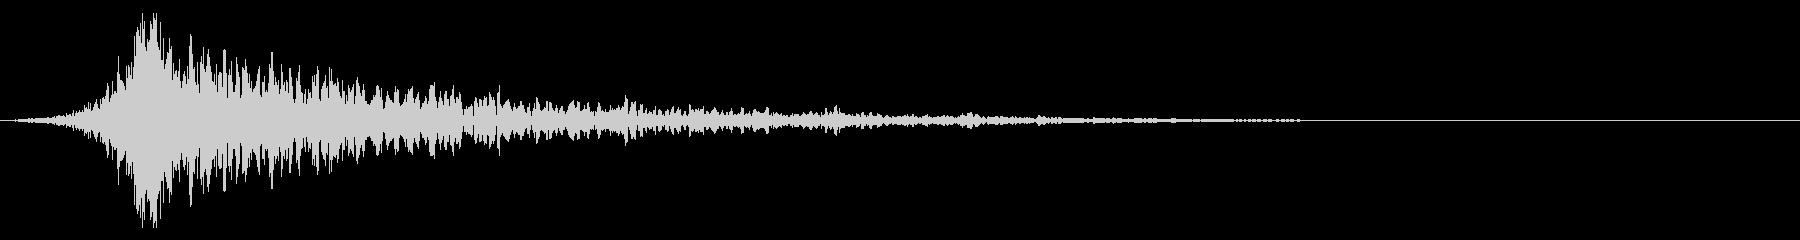 シュードーン-28-1(インパクト音)の未再生の波形